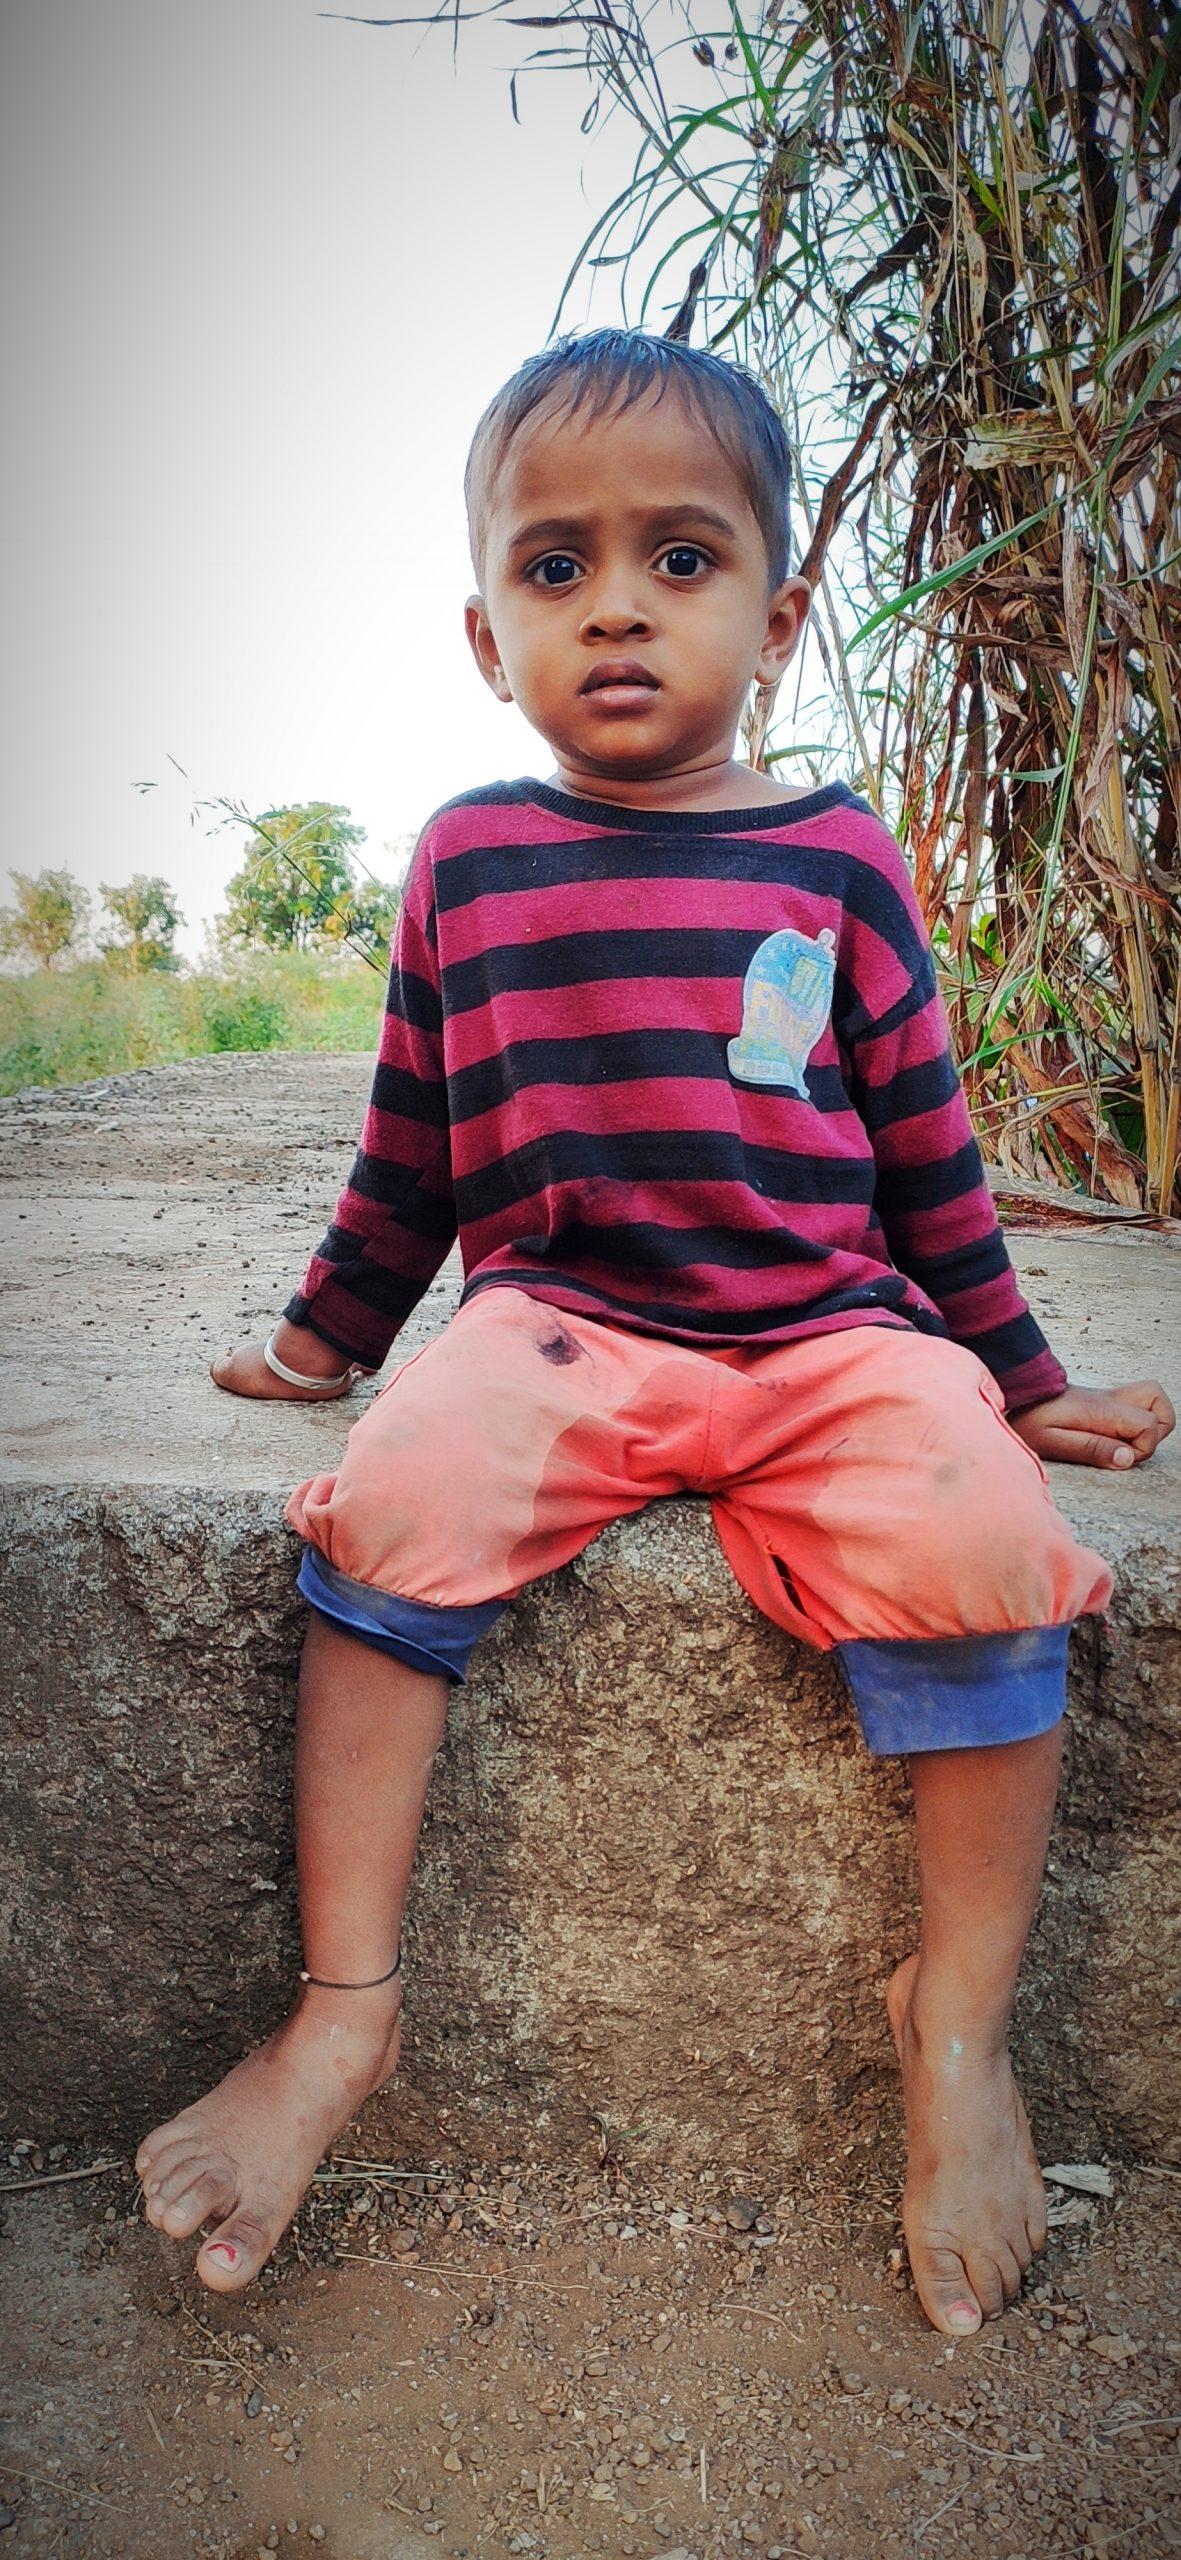 Little boy sitting on rock